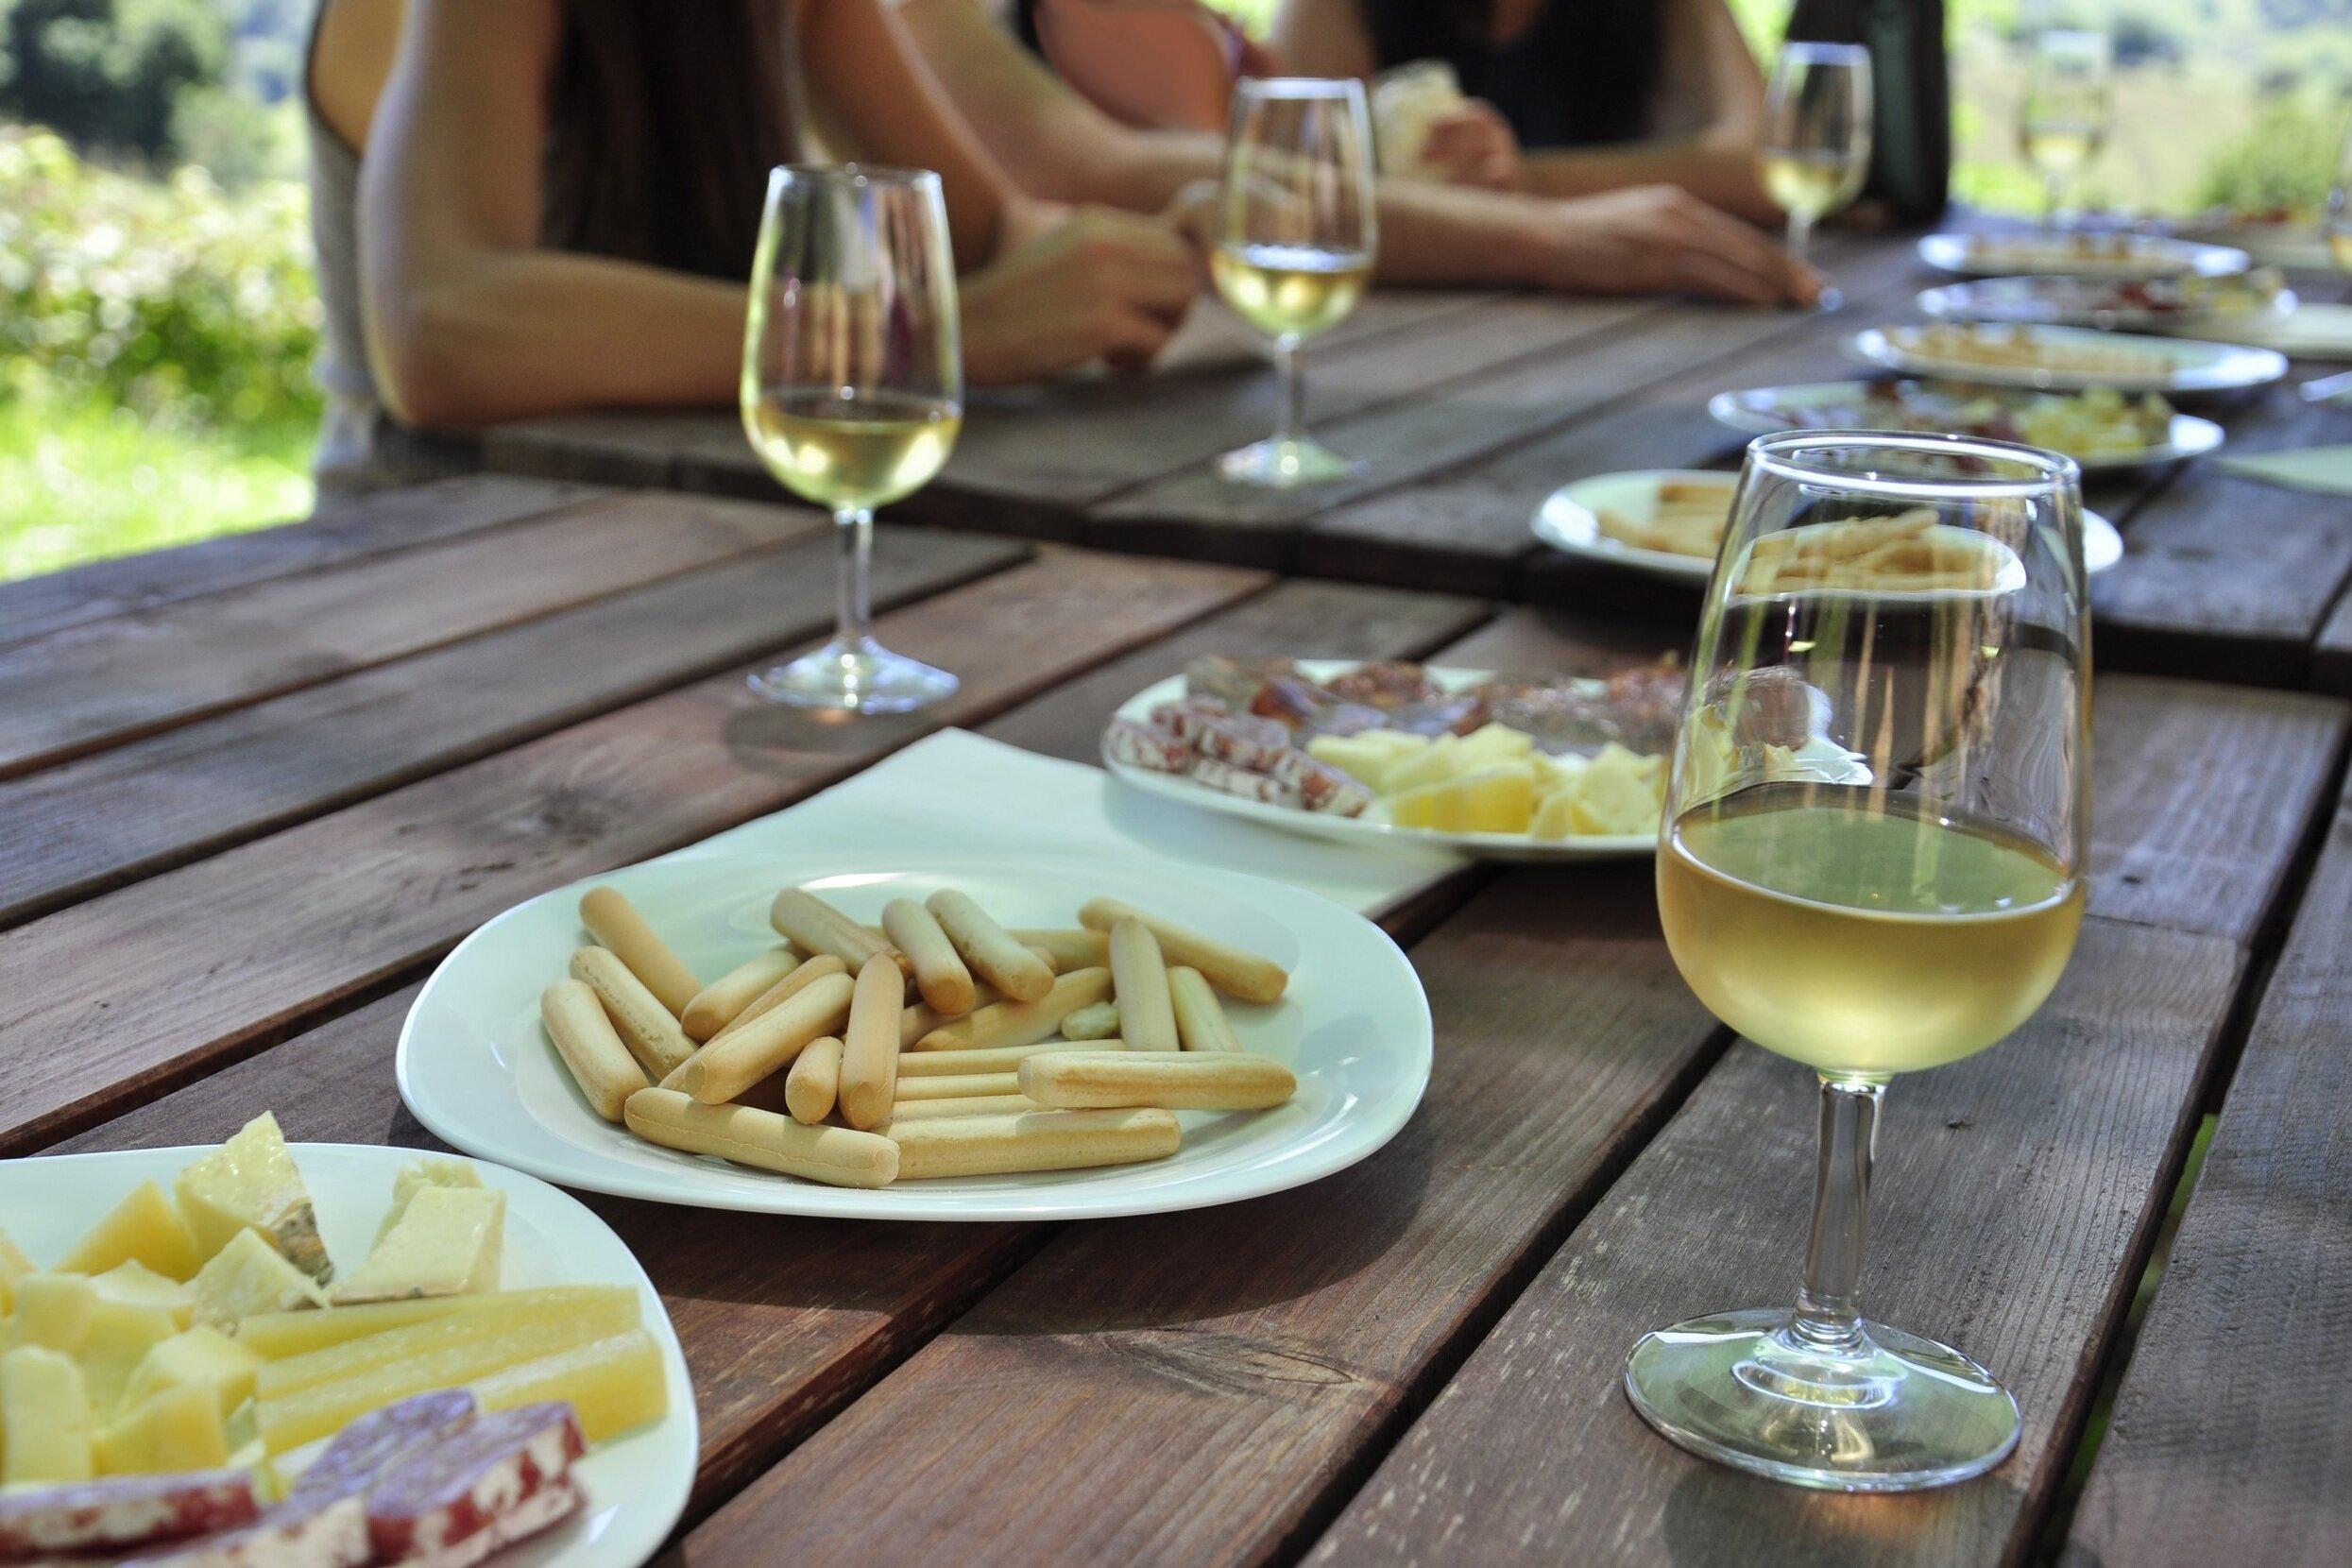 GASTRONOMIA I ENOTURISME - Selecció d'experiències gastronòmiques i enoturístiques